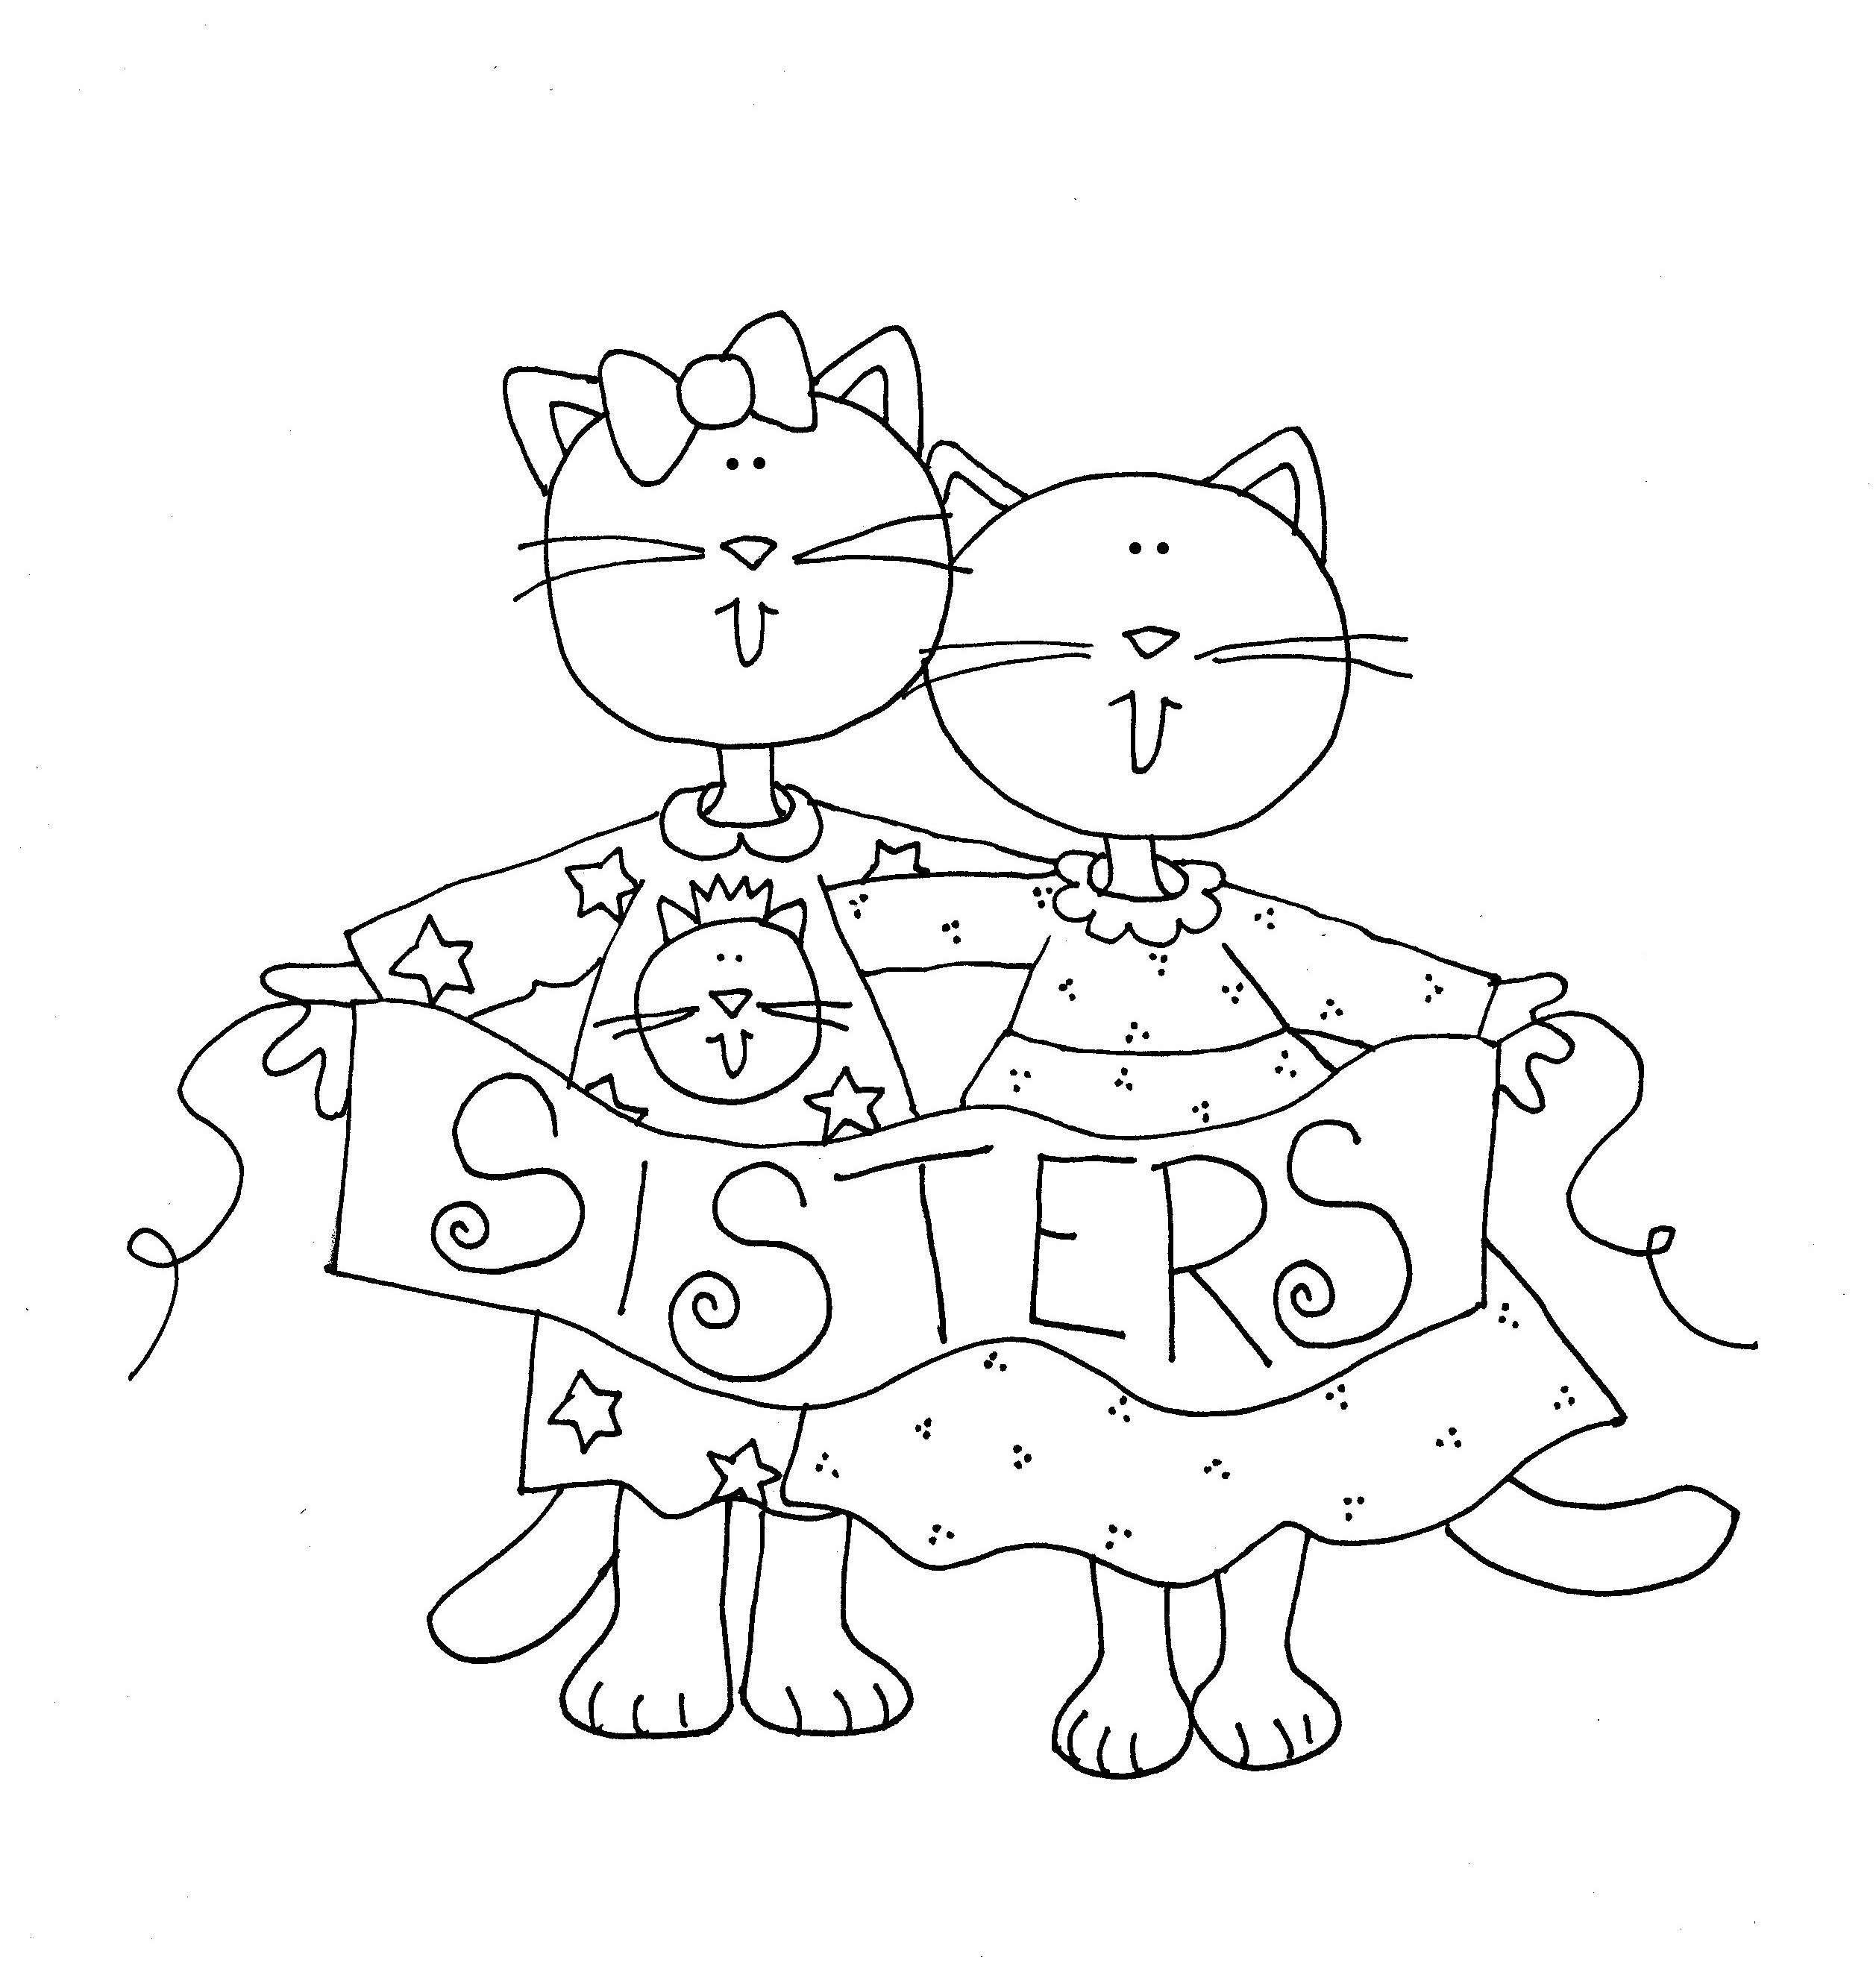 Malvorlagen Weihnachten Schneemann Das Beste Von Ausmalbilder Weihnachten Schneemann Schön Cat Sisters Dearie Dolls Stock